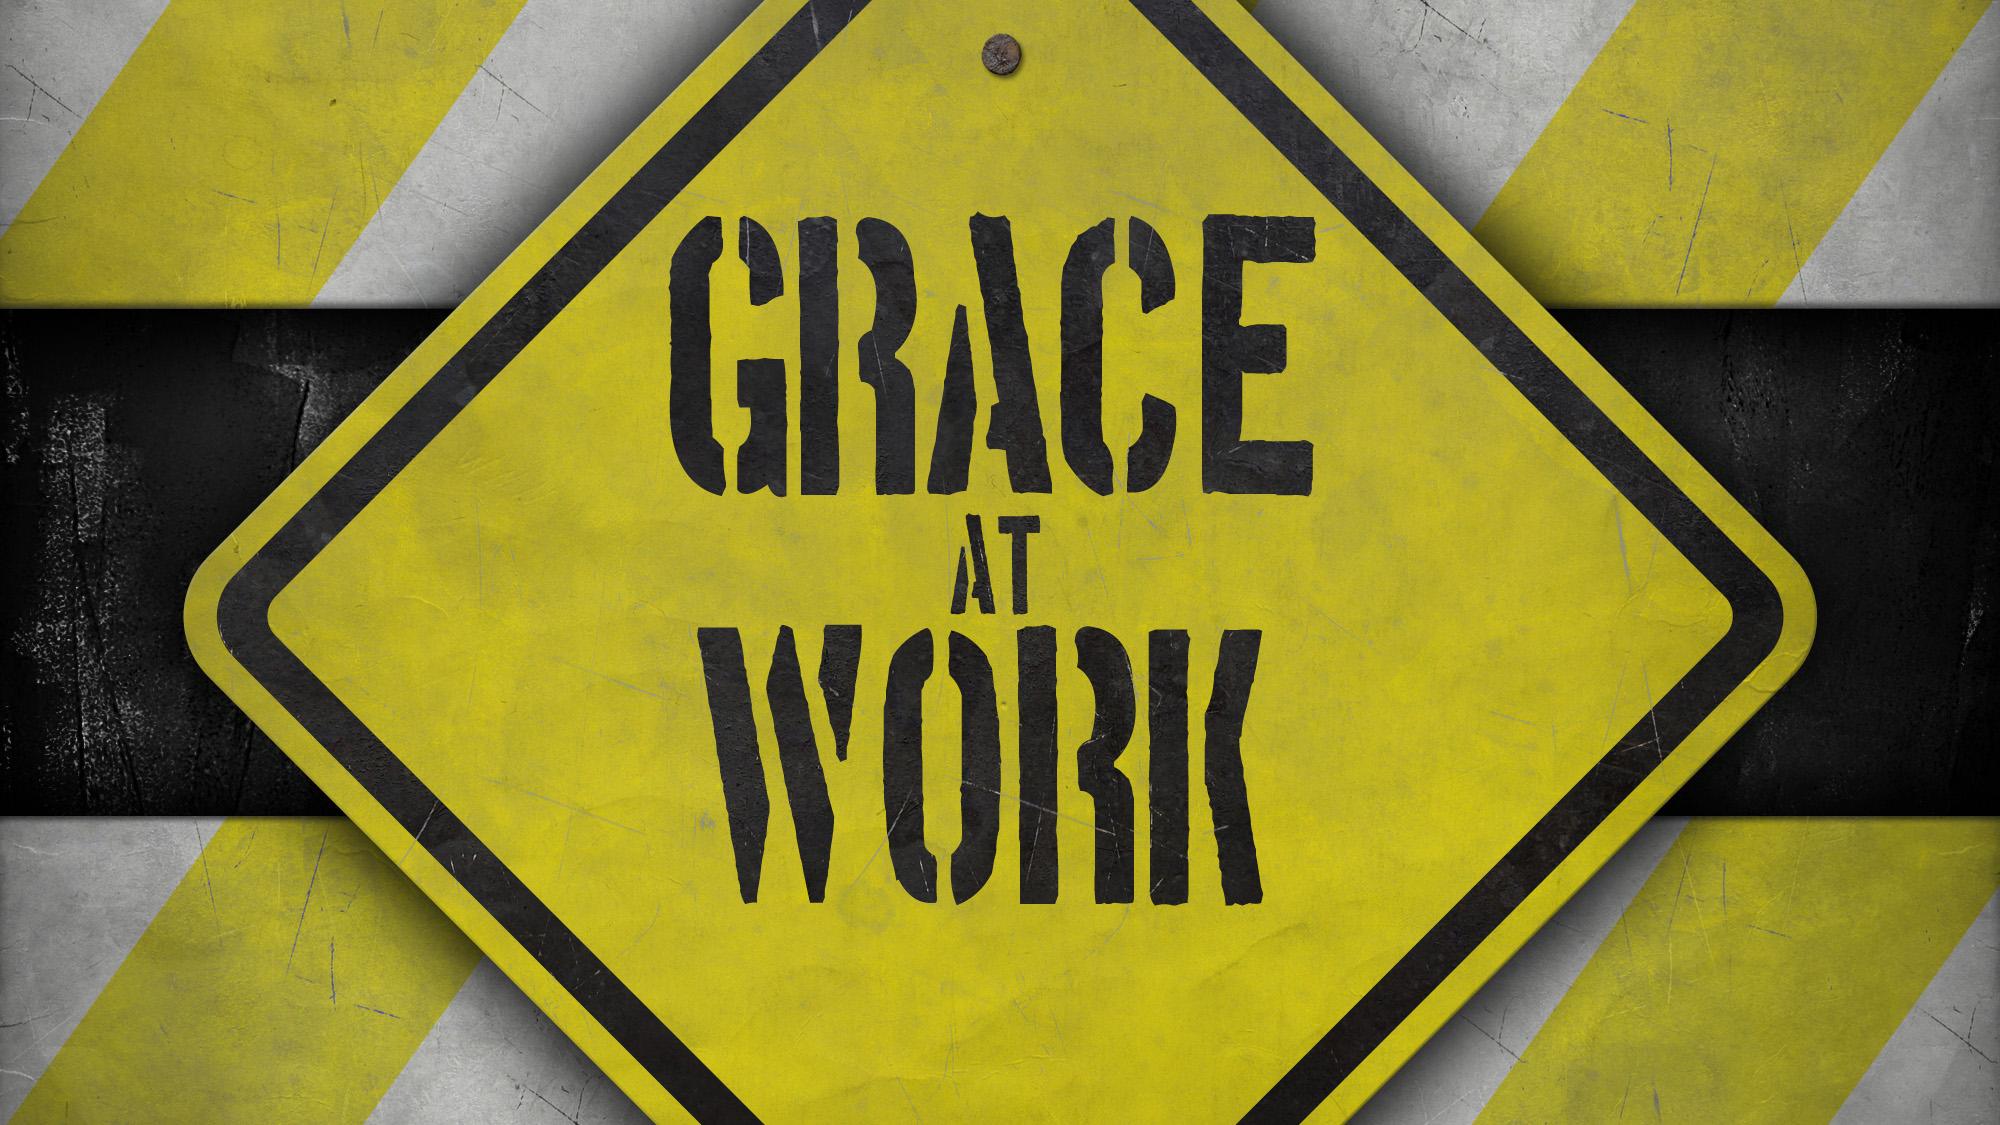 Gospel works